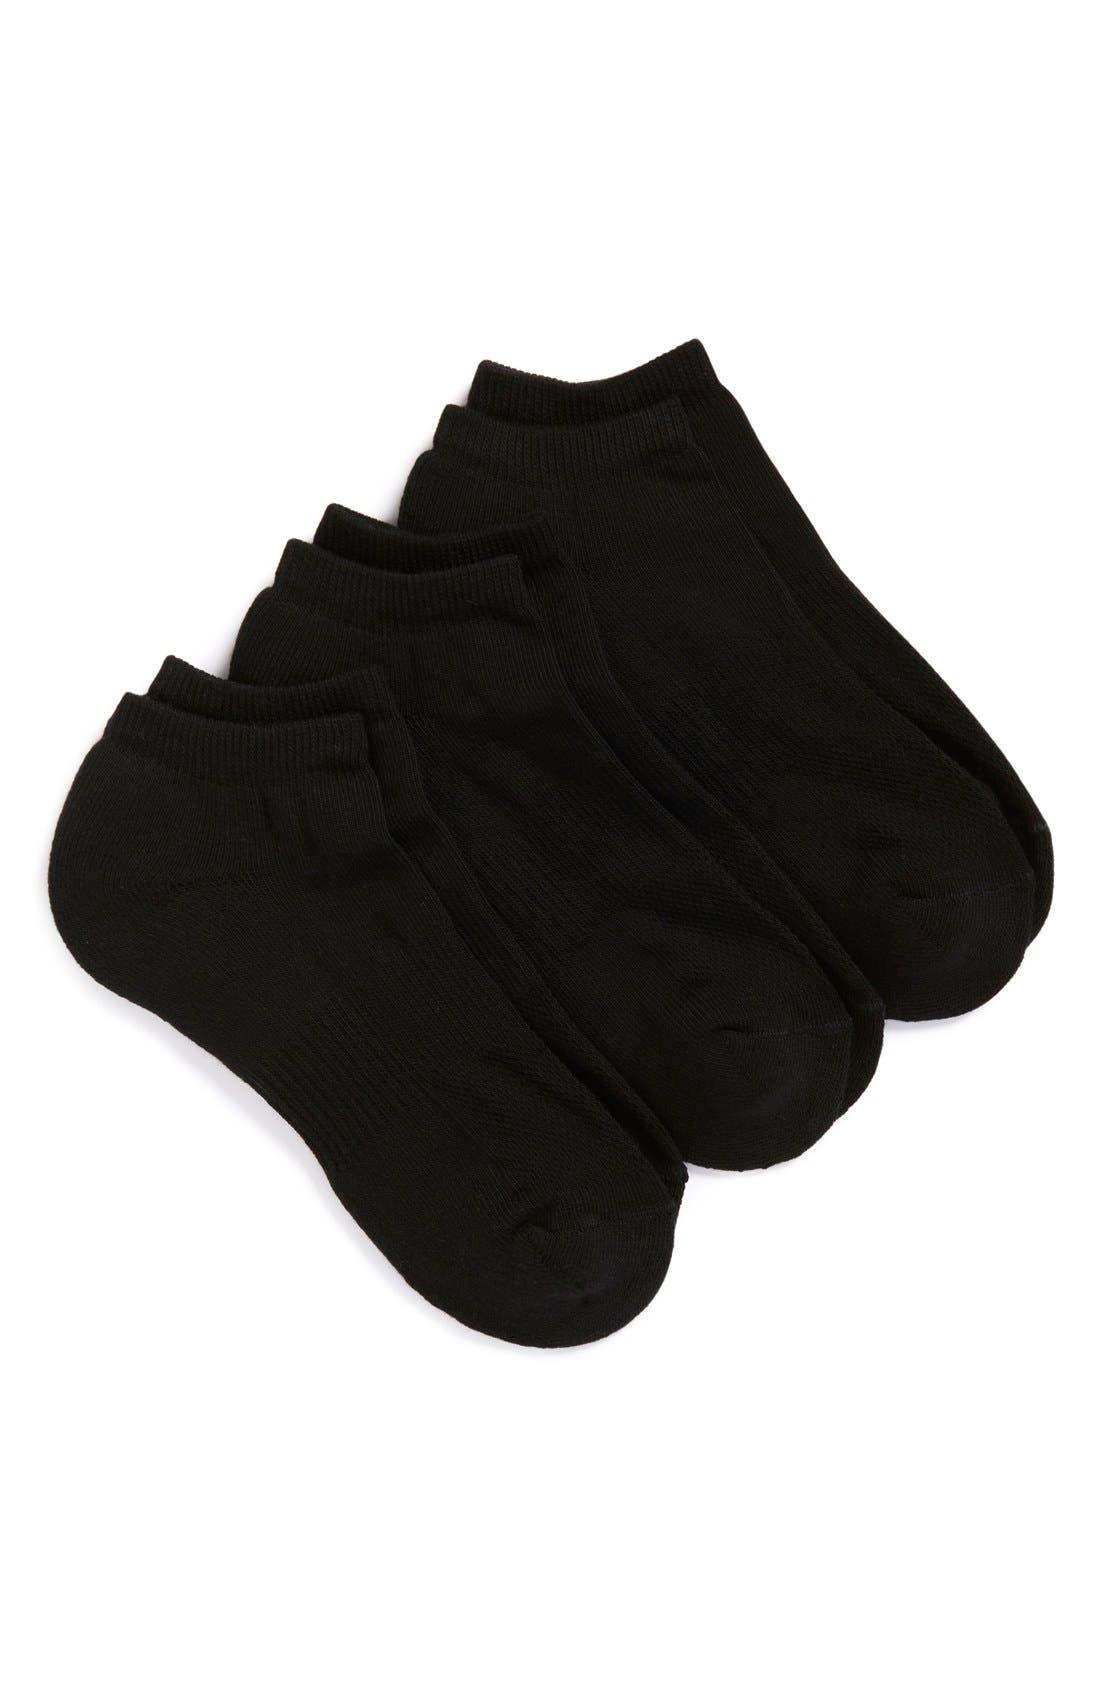 Alternate Image 1 Selected - Nordstrom Men's Shop 3-Pack No-Show Athletic Socks